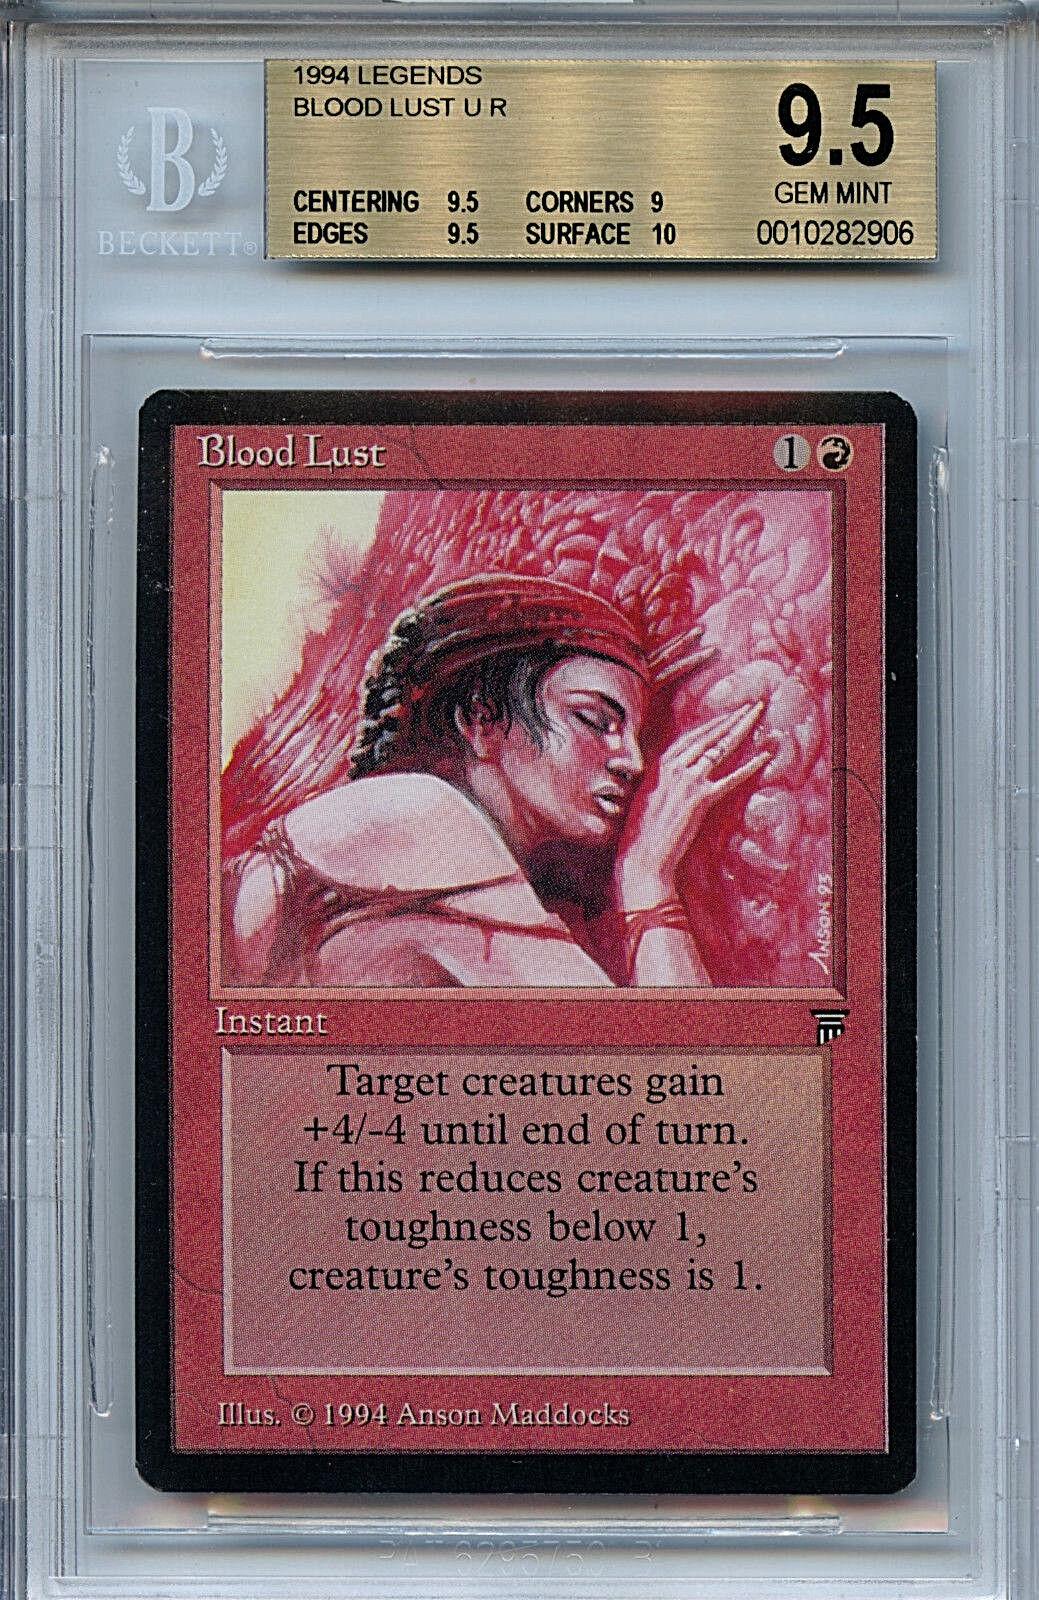 Mtg - legenden Blautrnstigkeit bgs 9,5 gem - karte sammeln wotc 2906 magie